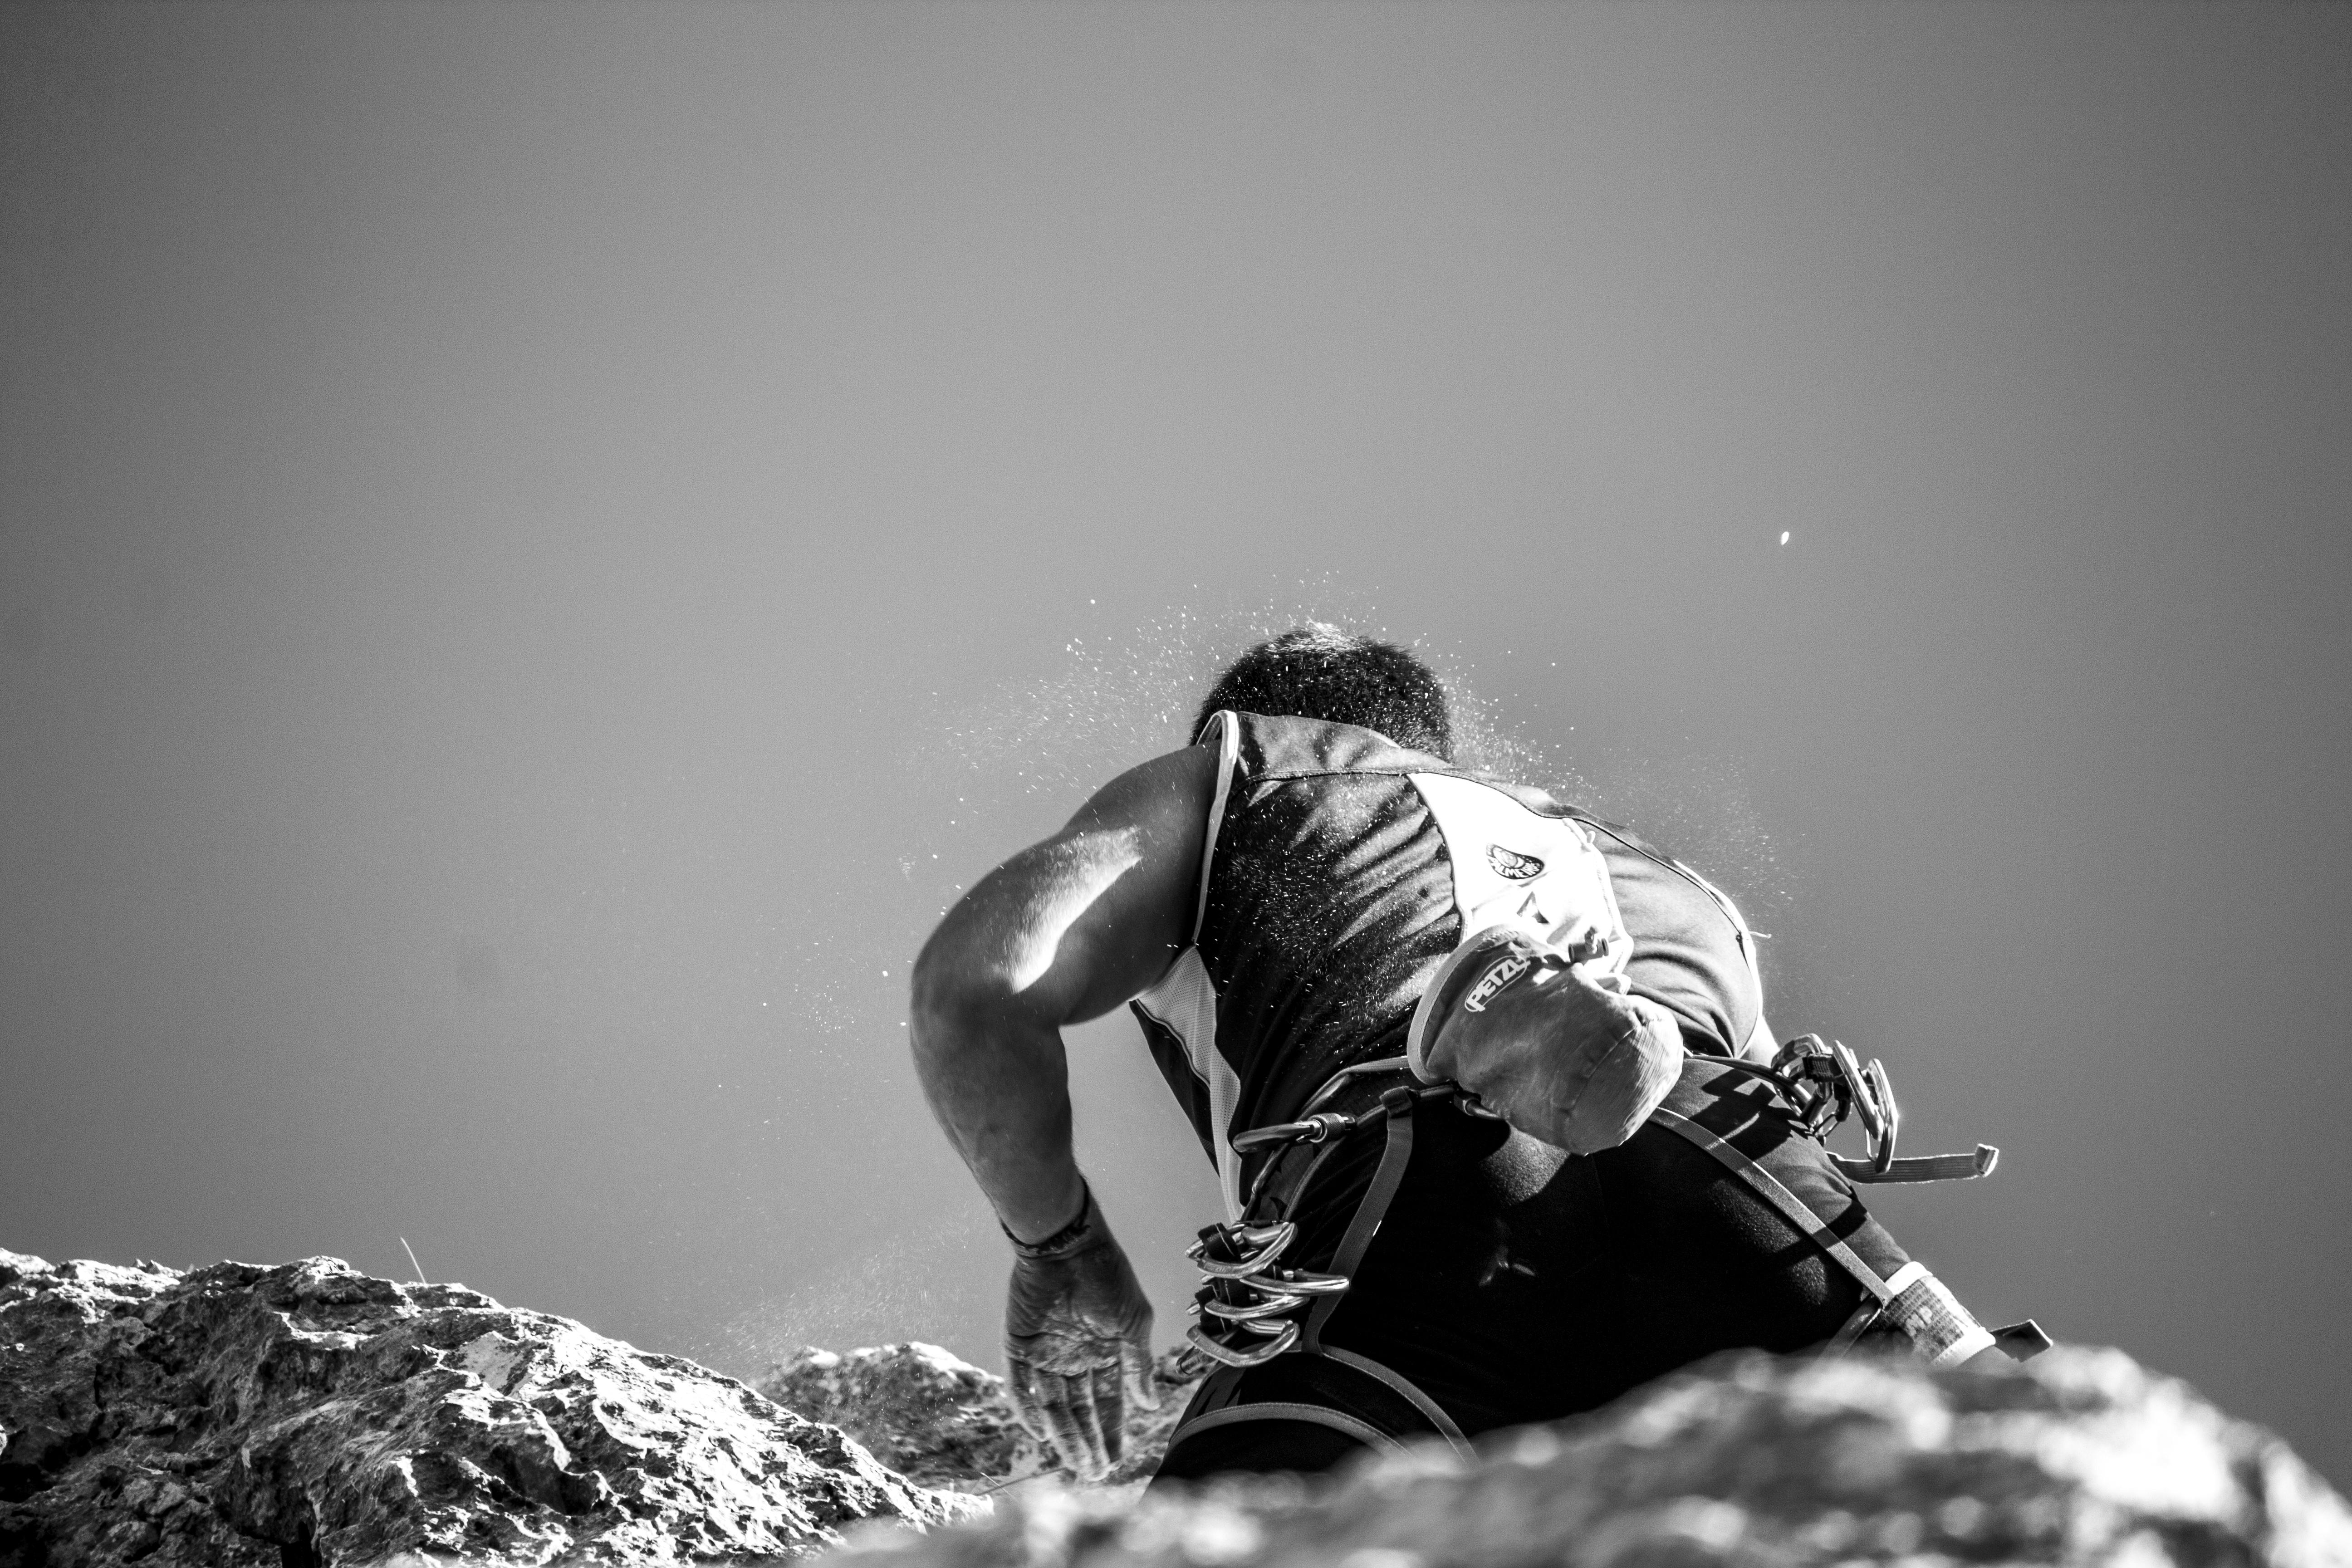 Kostenlose foto : Landschaft, Natur, Rock, Berg, Seil, Schwarz und ...